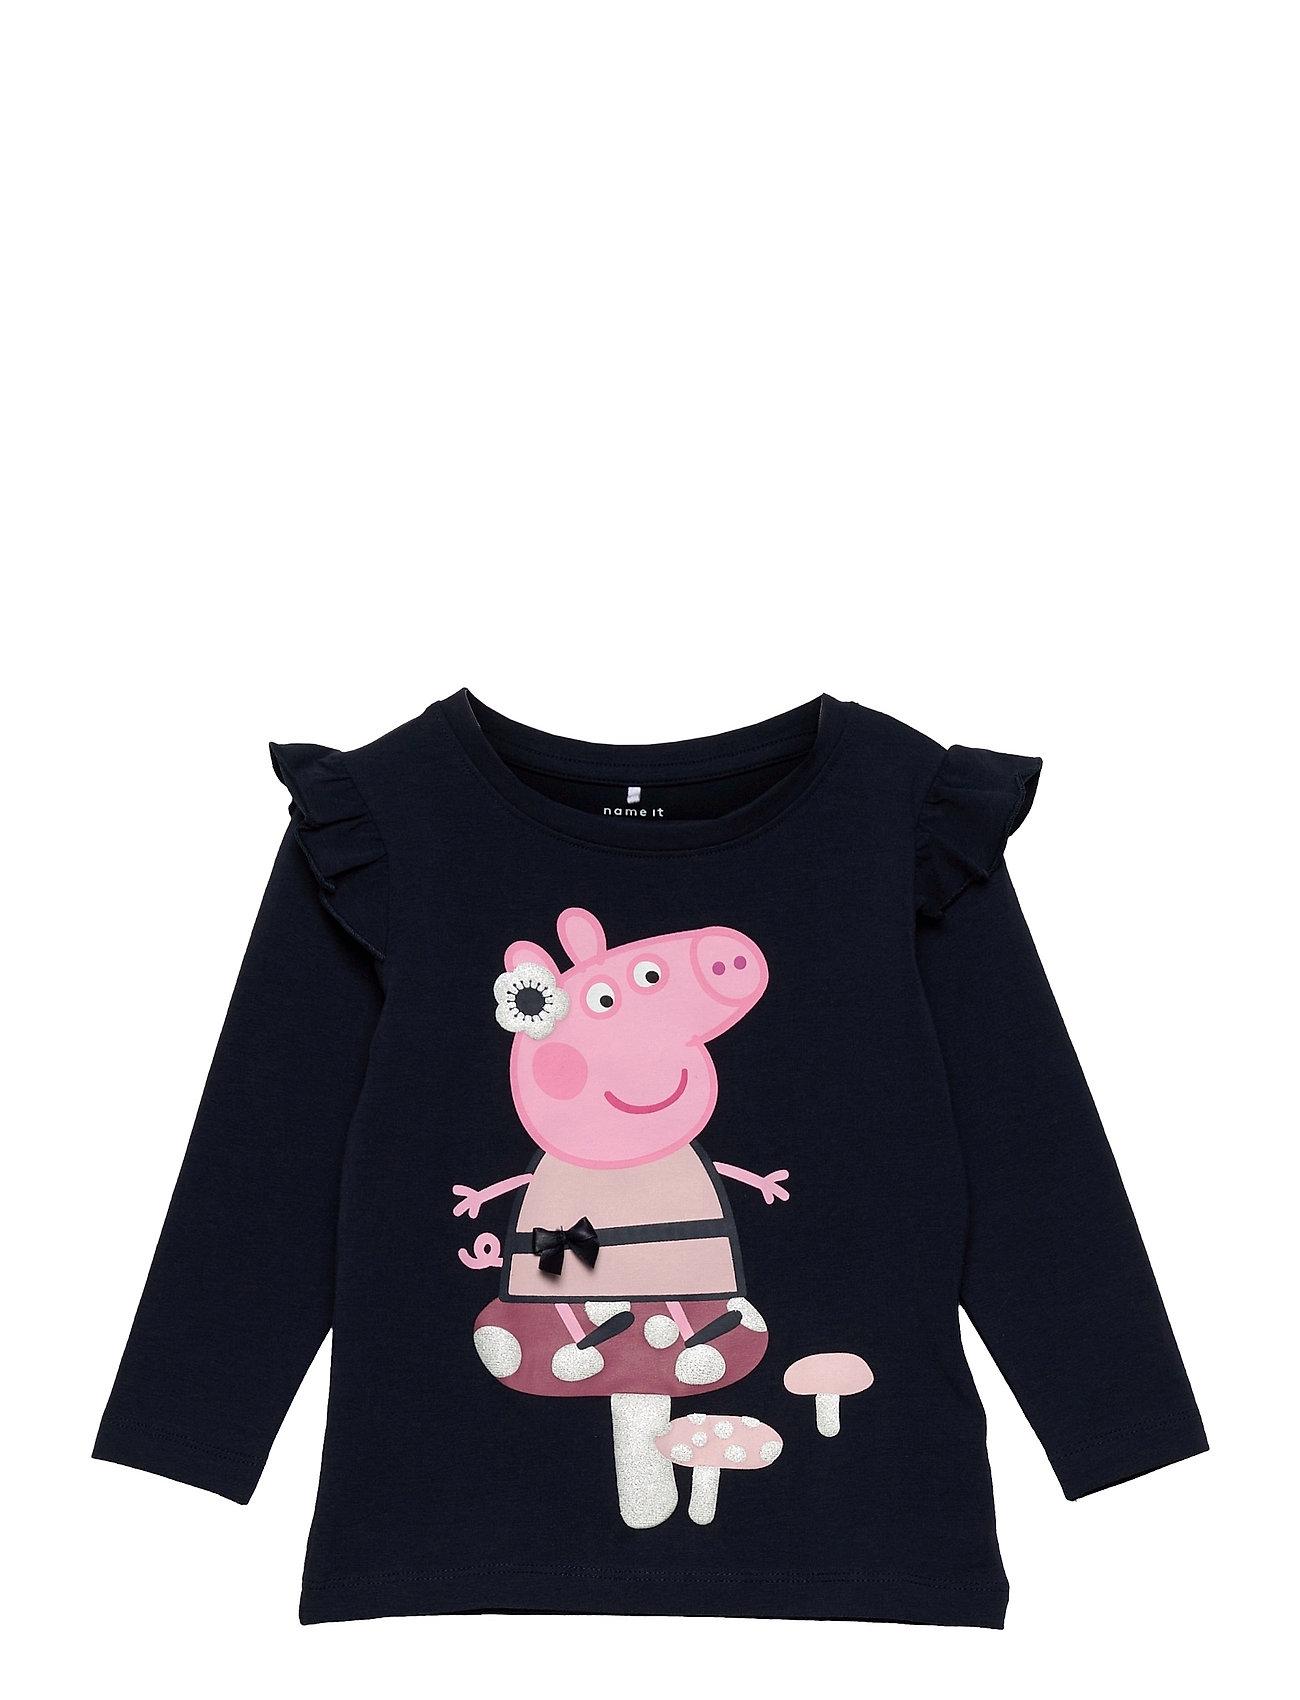 Nmfpeppapig Hildur Ls Top Pep Langærmet T-shirt Blå Name It